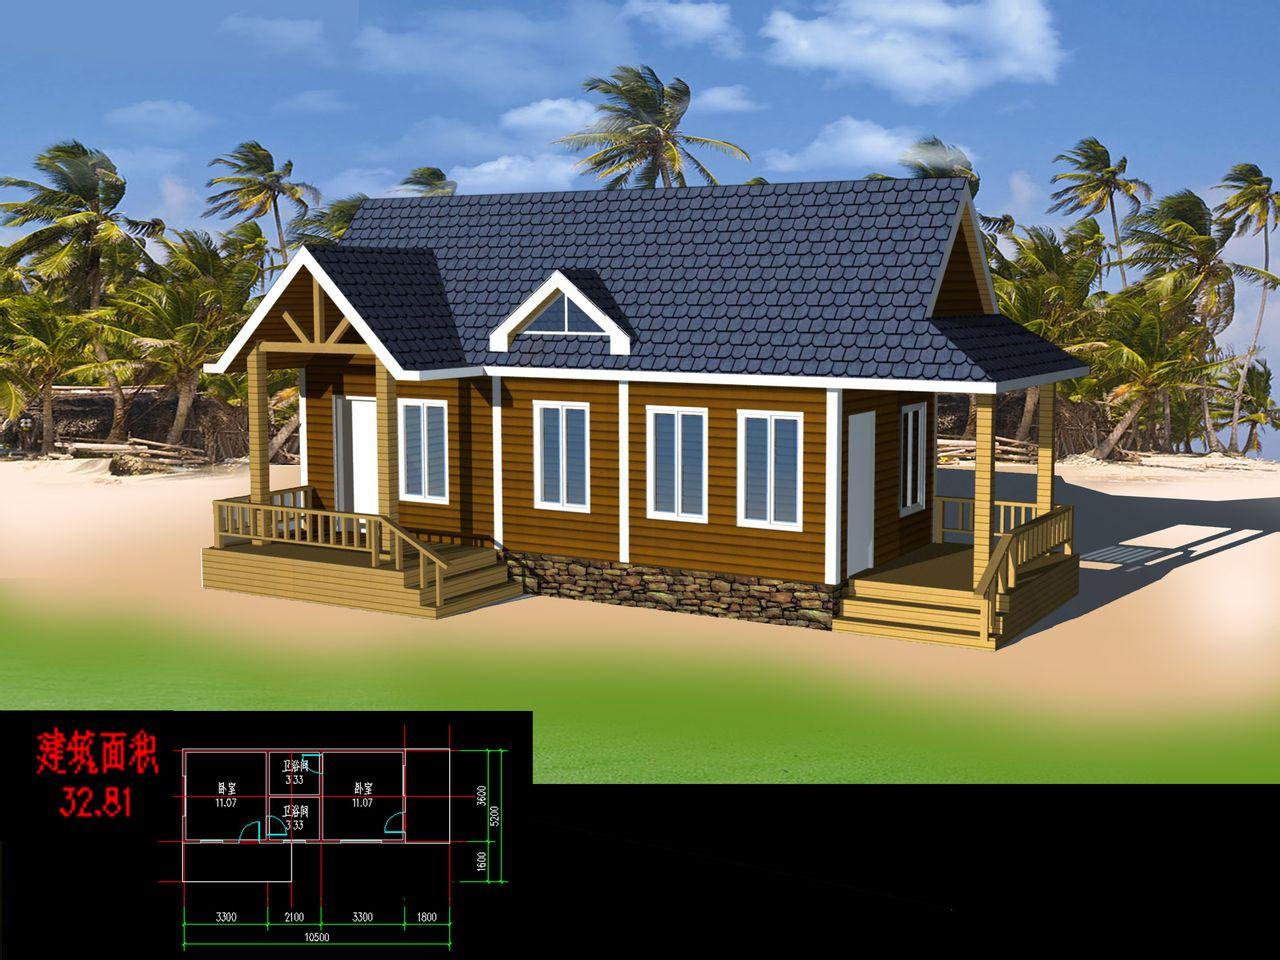 濮阳木屋木屋别墅设计农家乐木屋建造